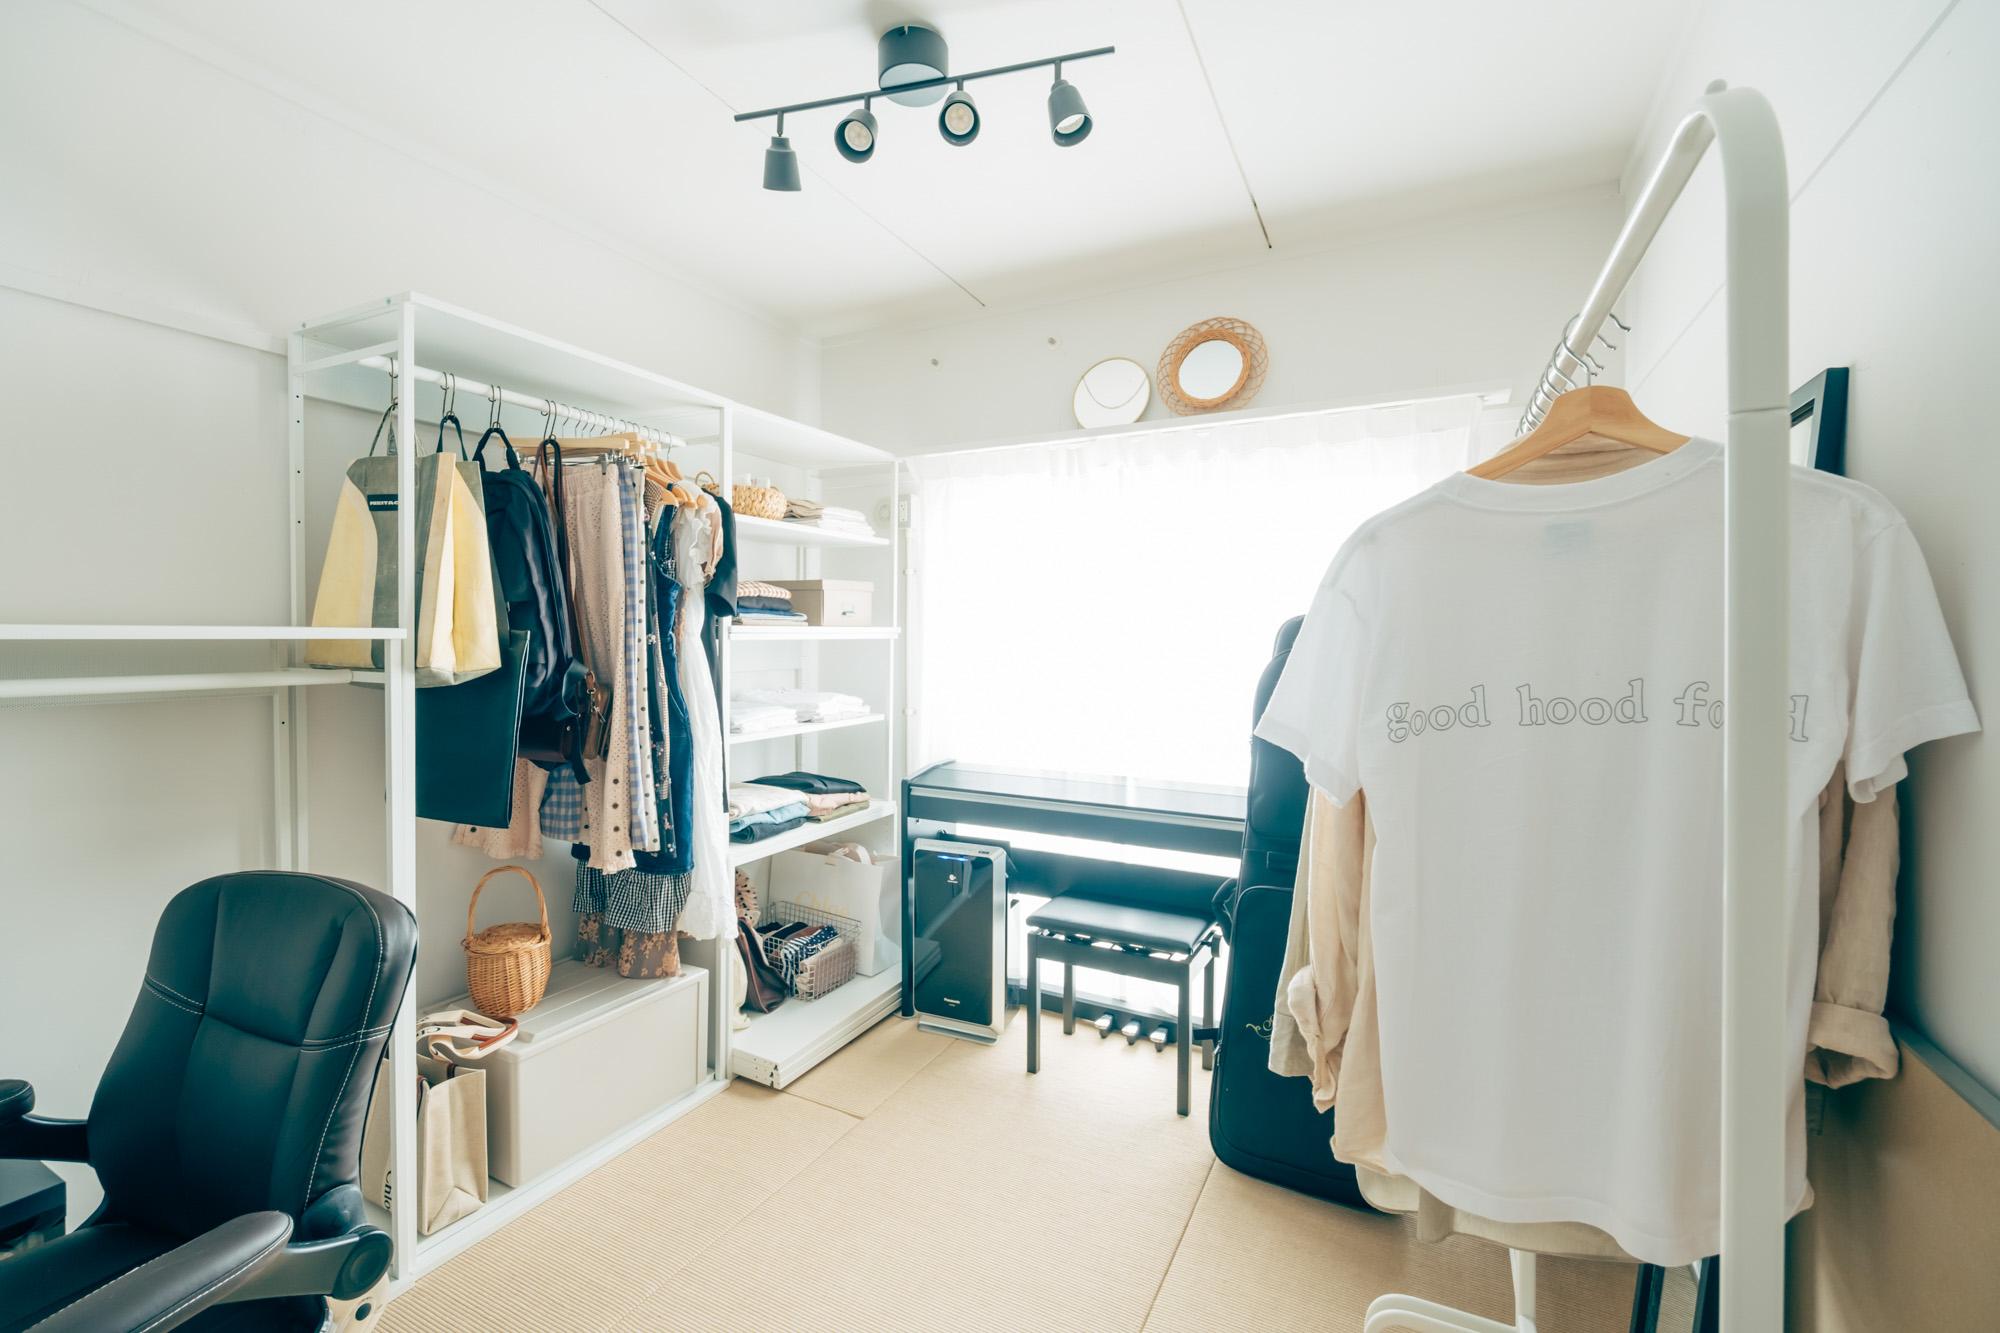 玄関横の4.5畳のお部屋は、ウォークインクローゼット風のスペースとして使われています。